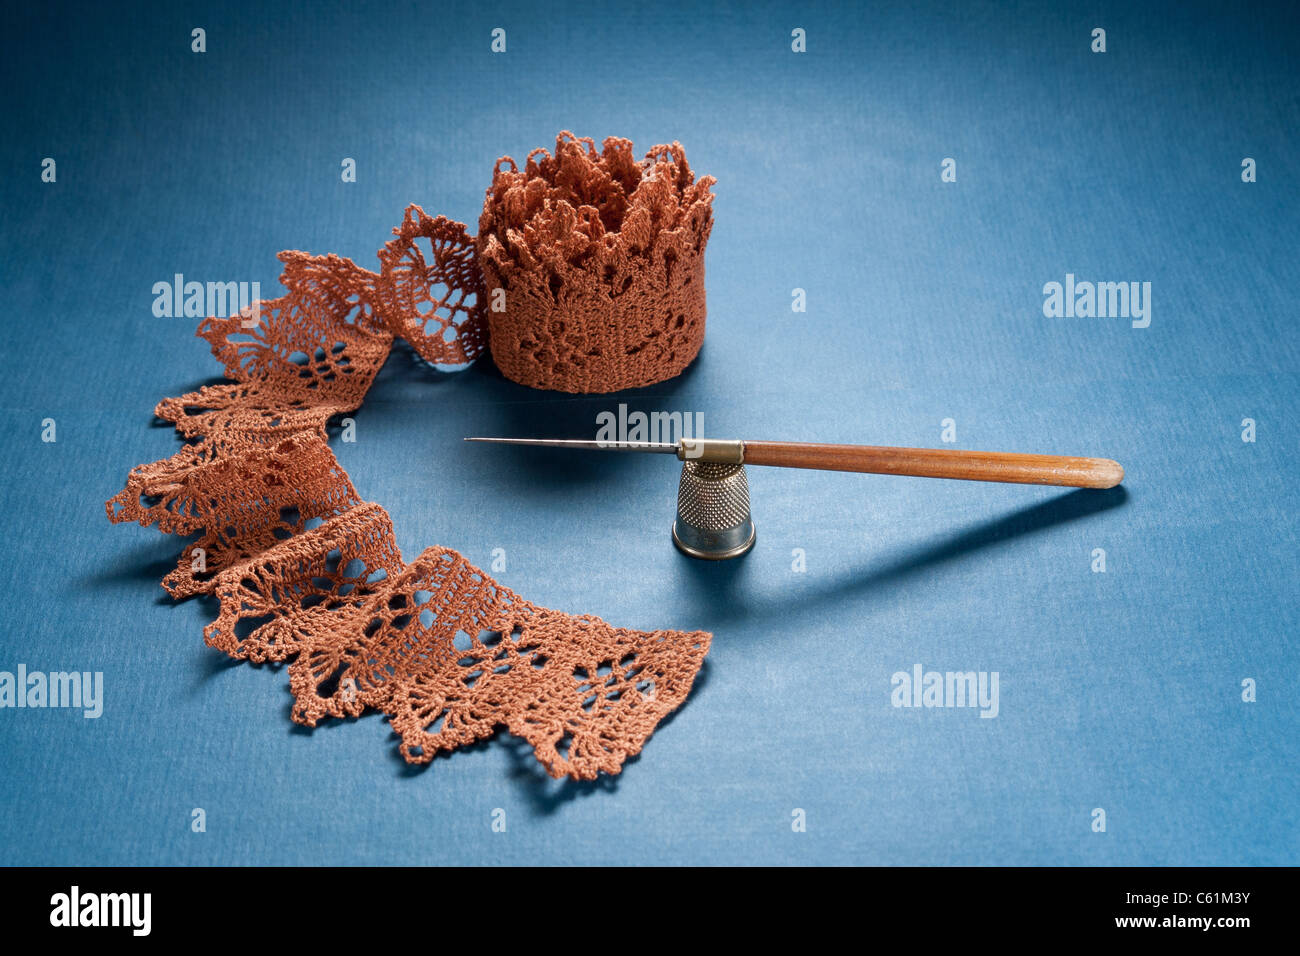 Crochet Lace Imágenes De Stock & Crochet Lace Fotos De Stock - Alamy